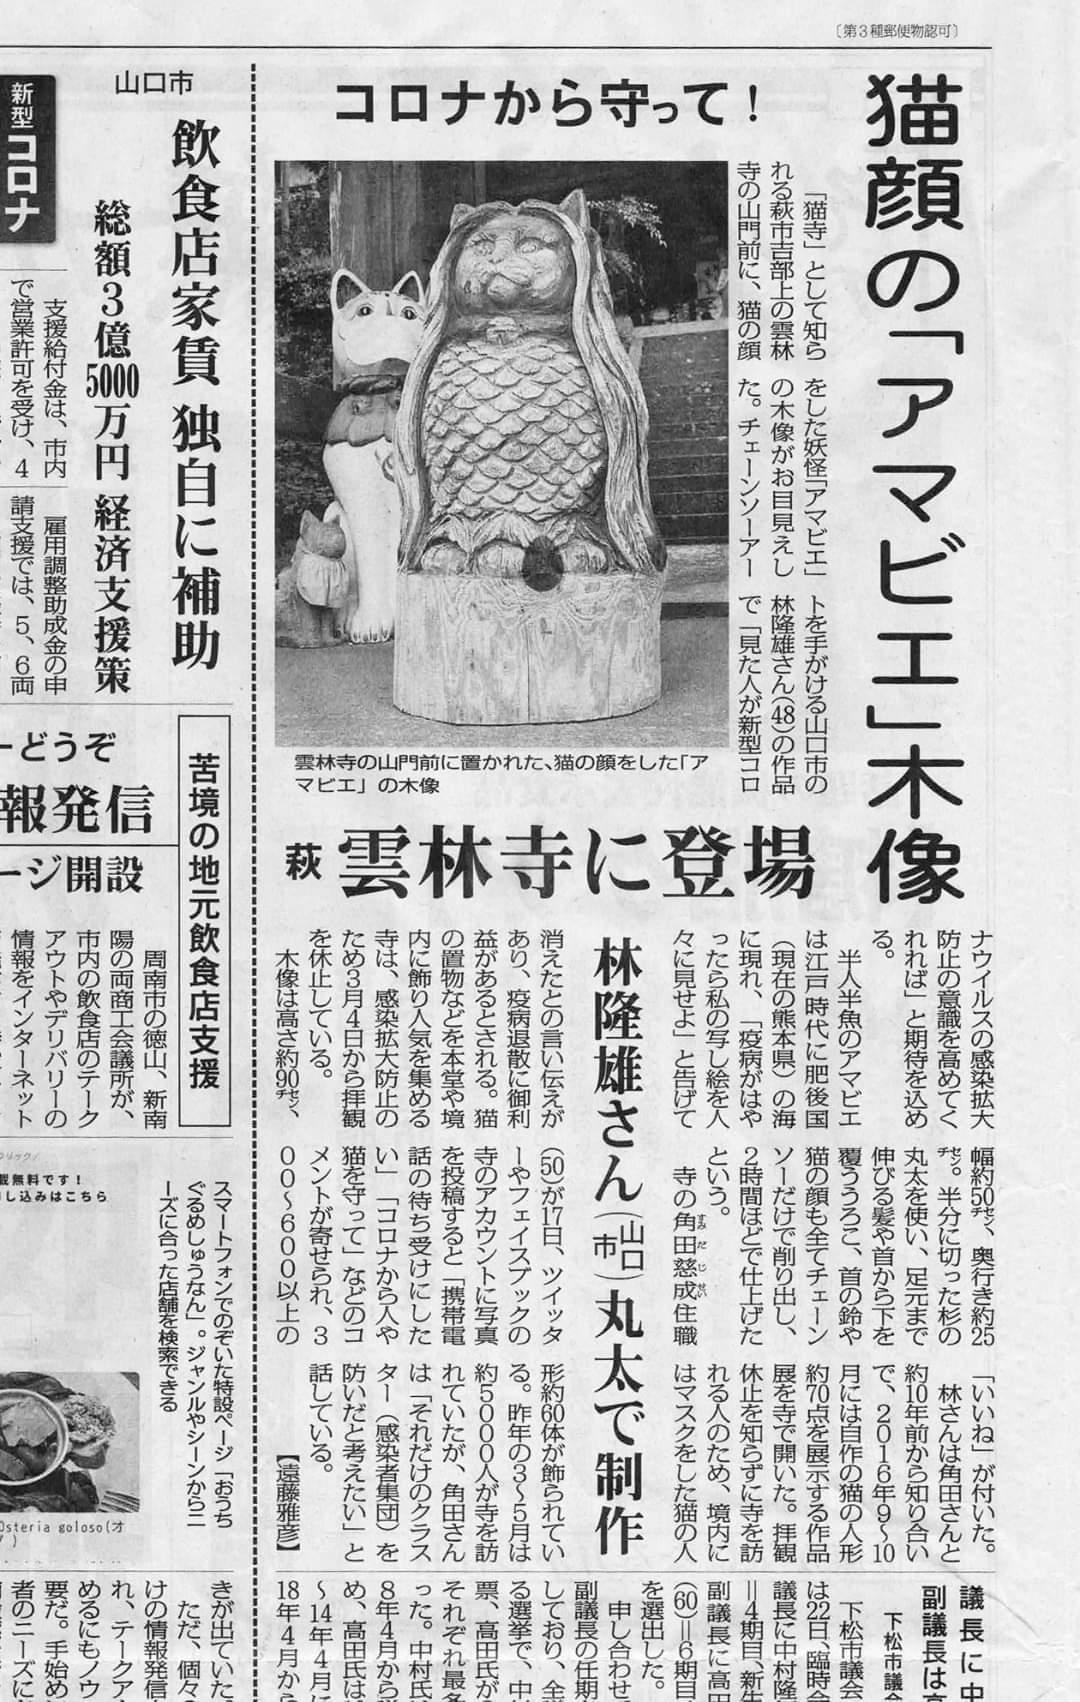 ネコビエ様in毎日新聞!!_d0098322_08171894.jpg